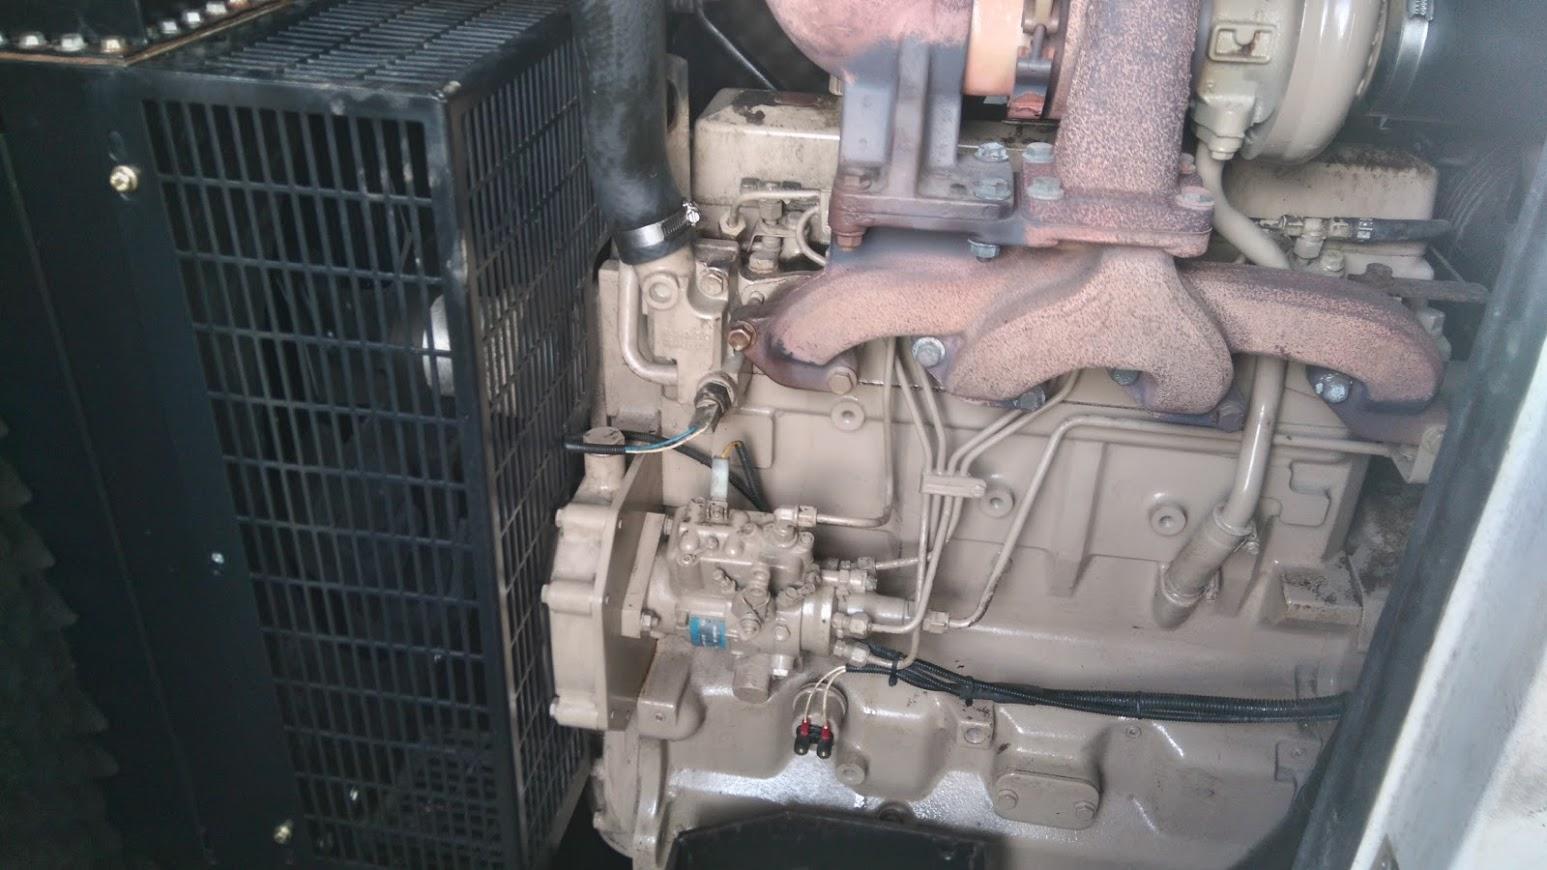 Bảo trì bảo dưỡng máy phát điện tại Quận 2 TP Hồ Chí Minh